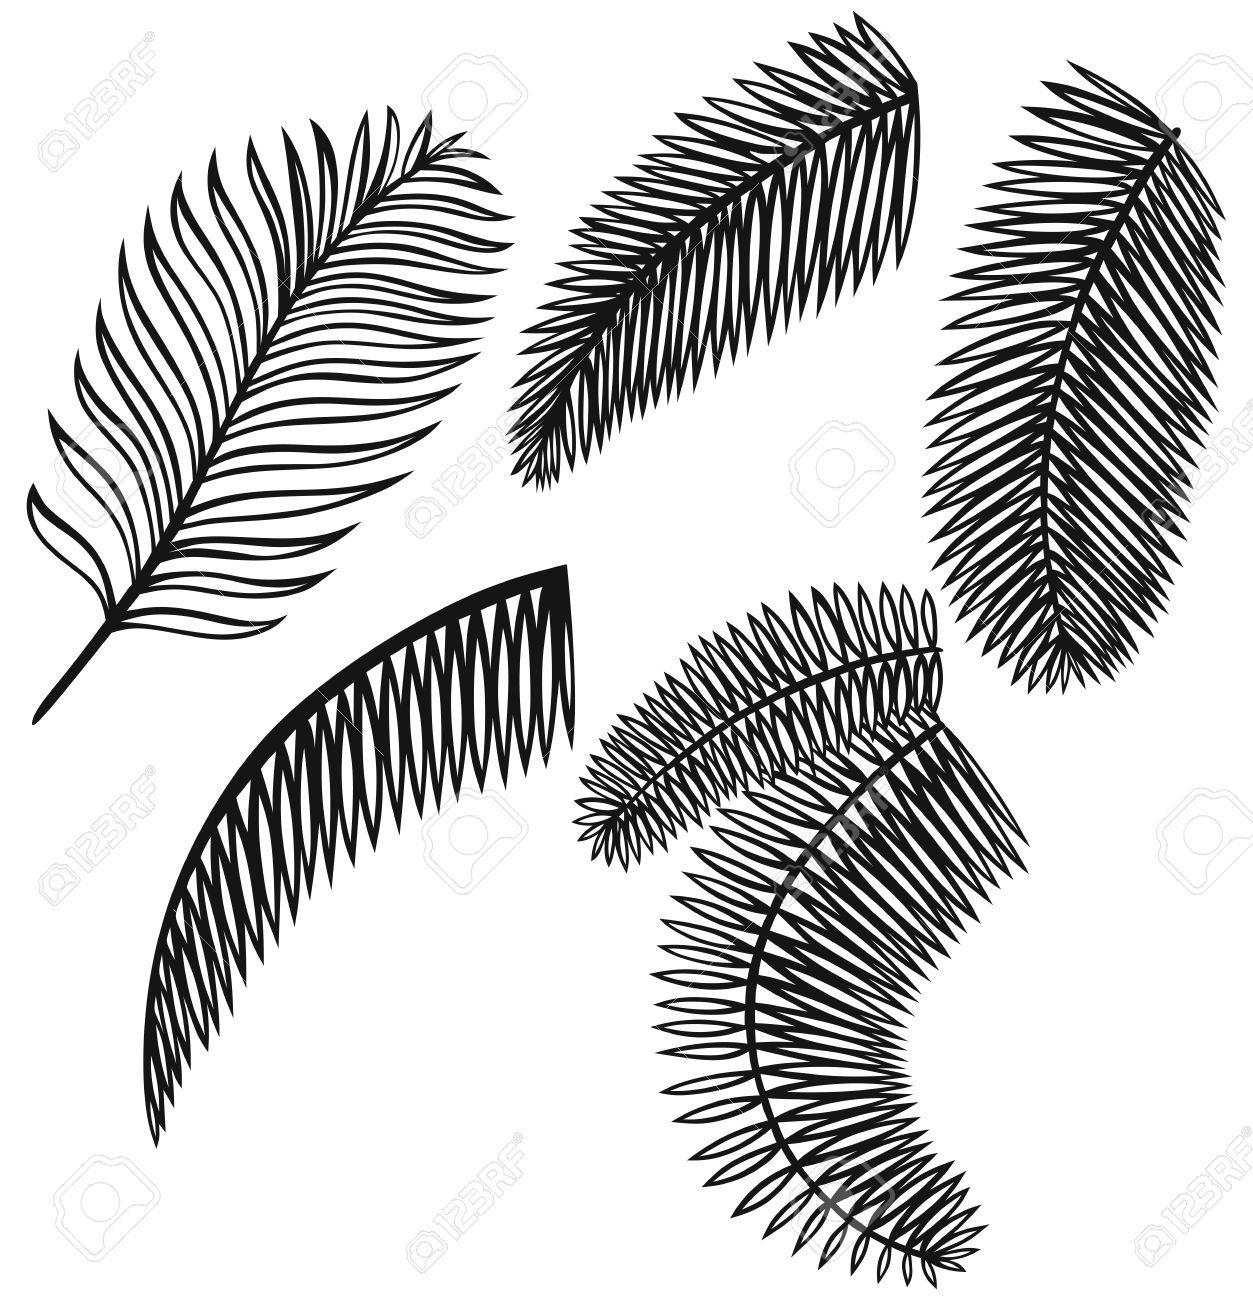 Palmier dessin ensemble de feuilles de palmier isol sur fond blanc palms pinterest - Dessin de palmier ...